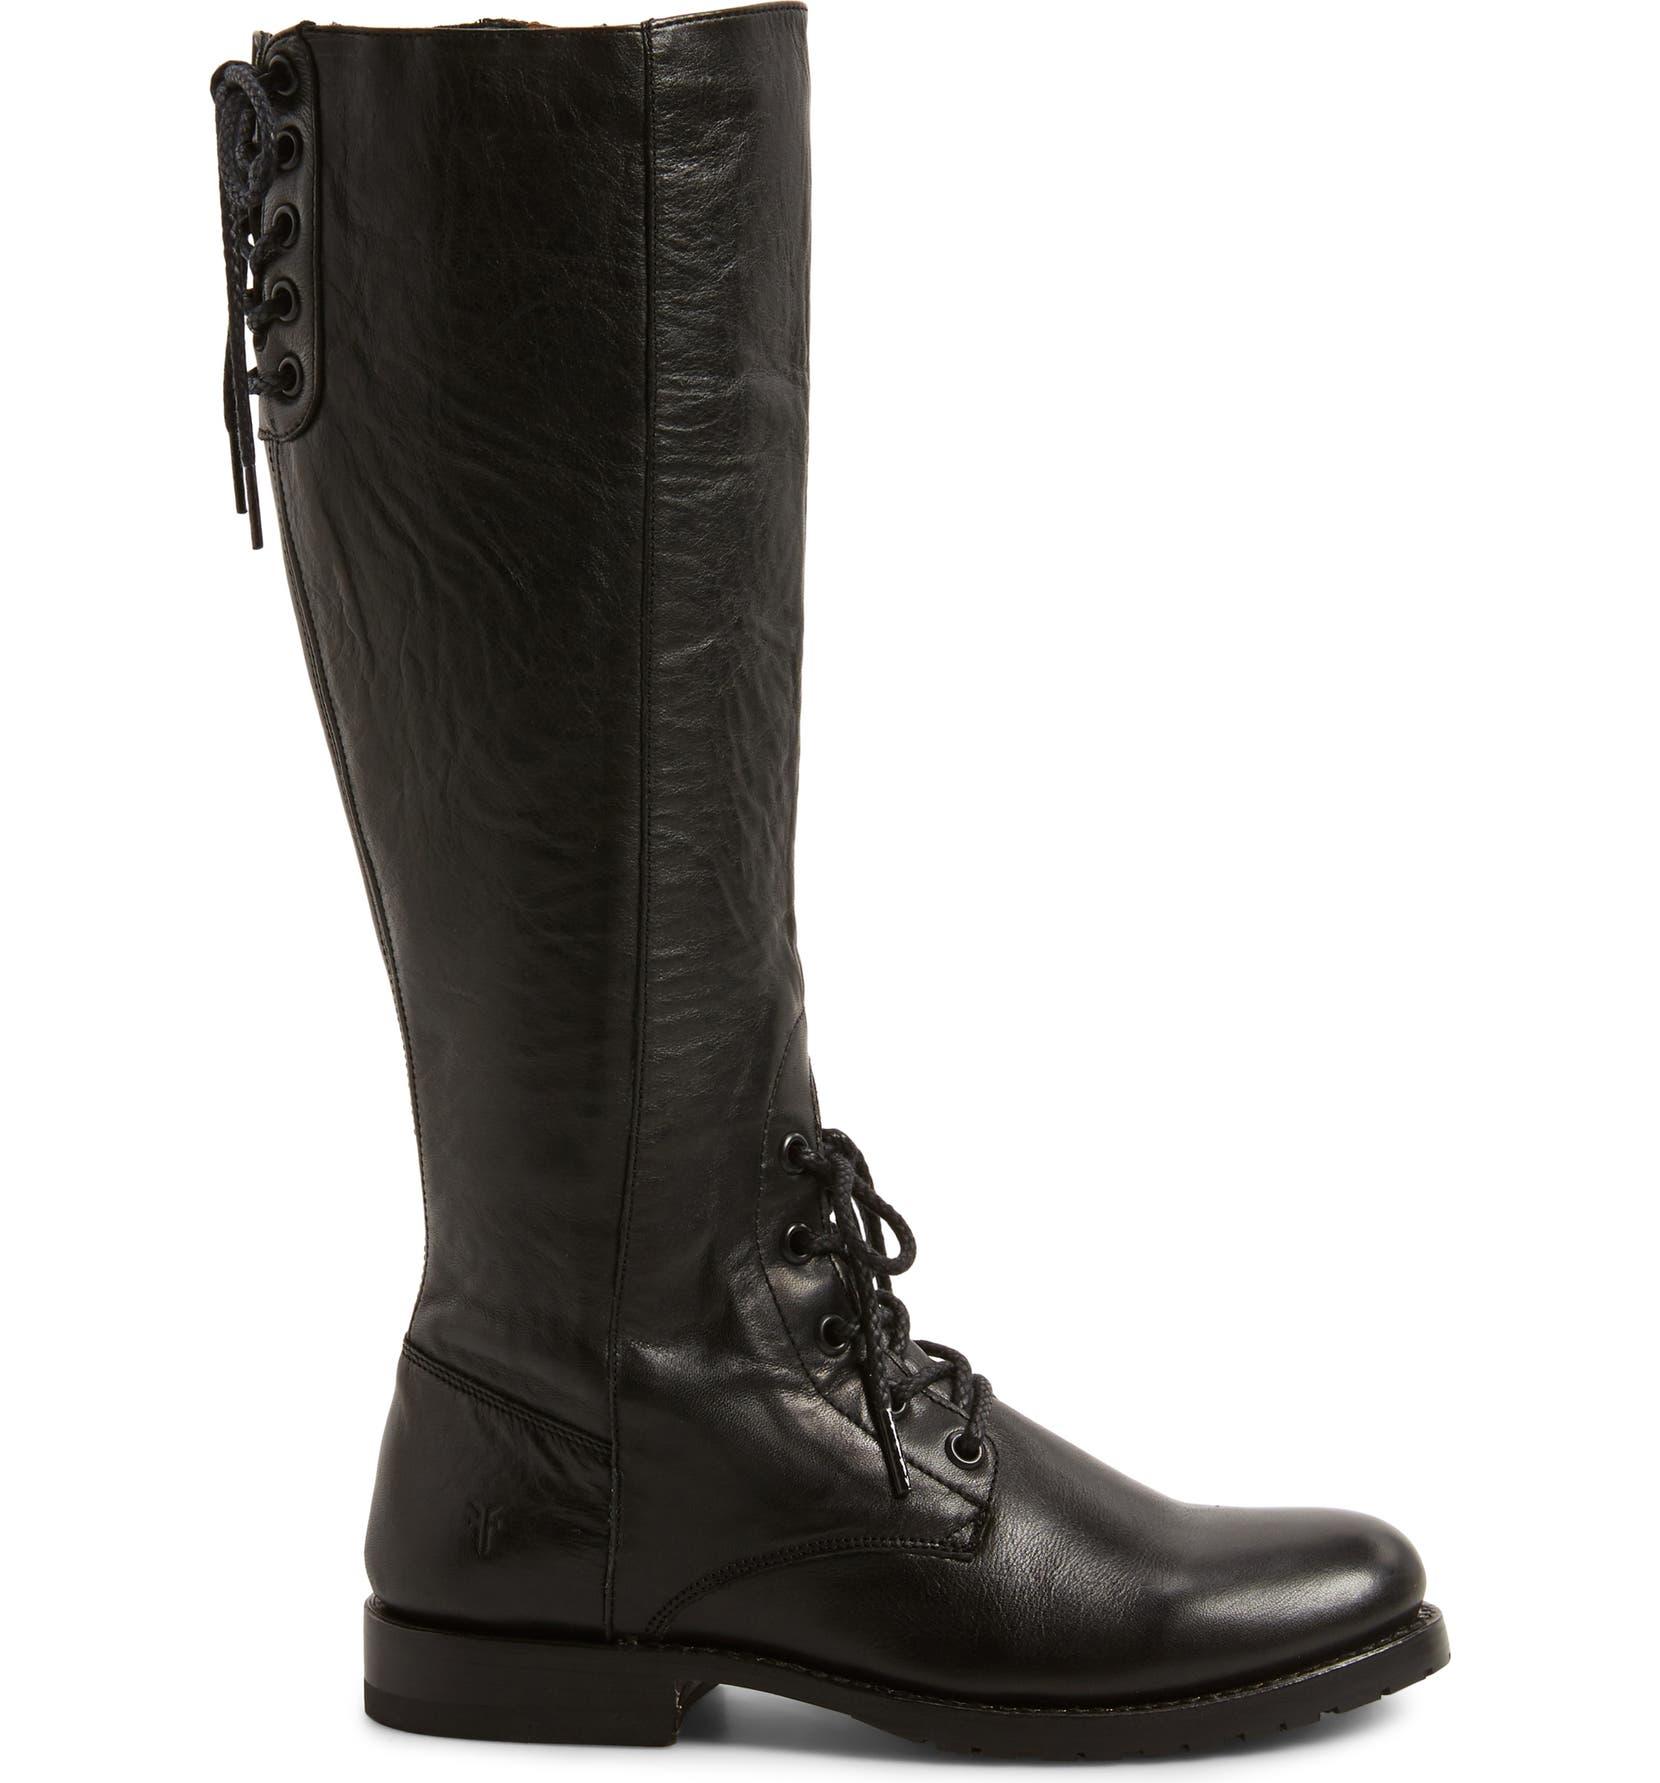 5ceb05a271d Natalie Knee High Combat Boot